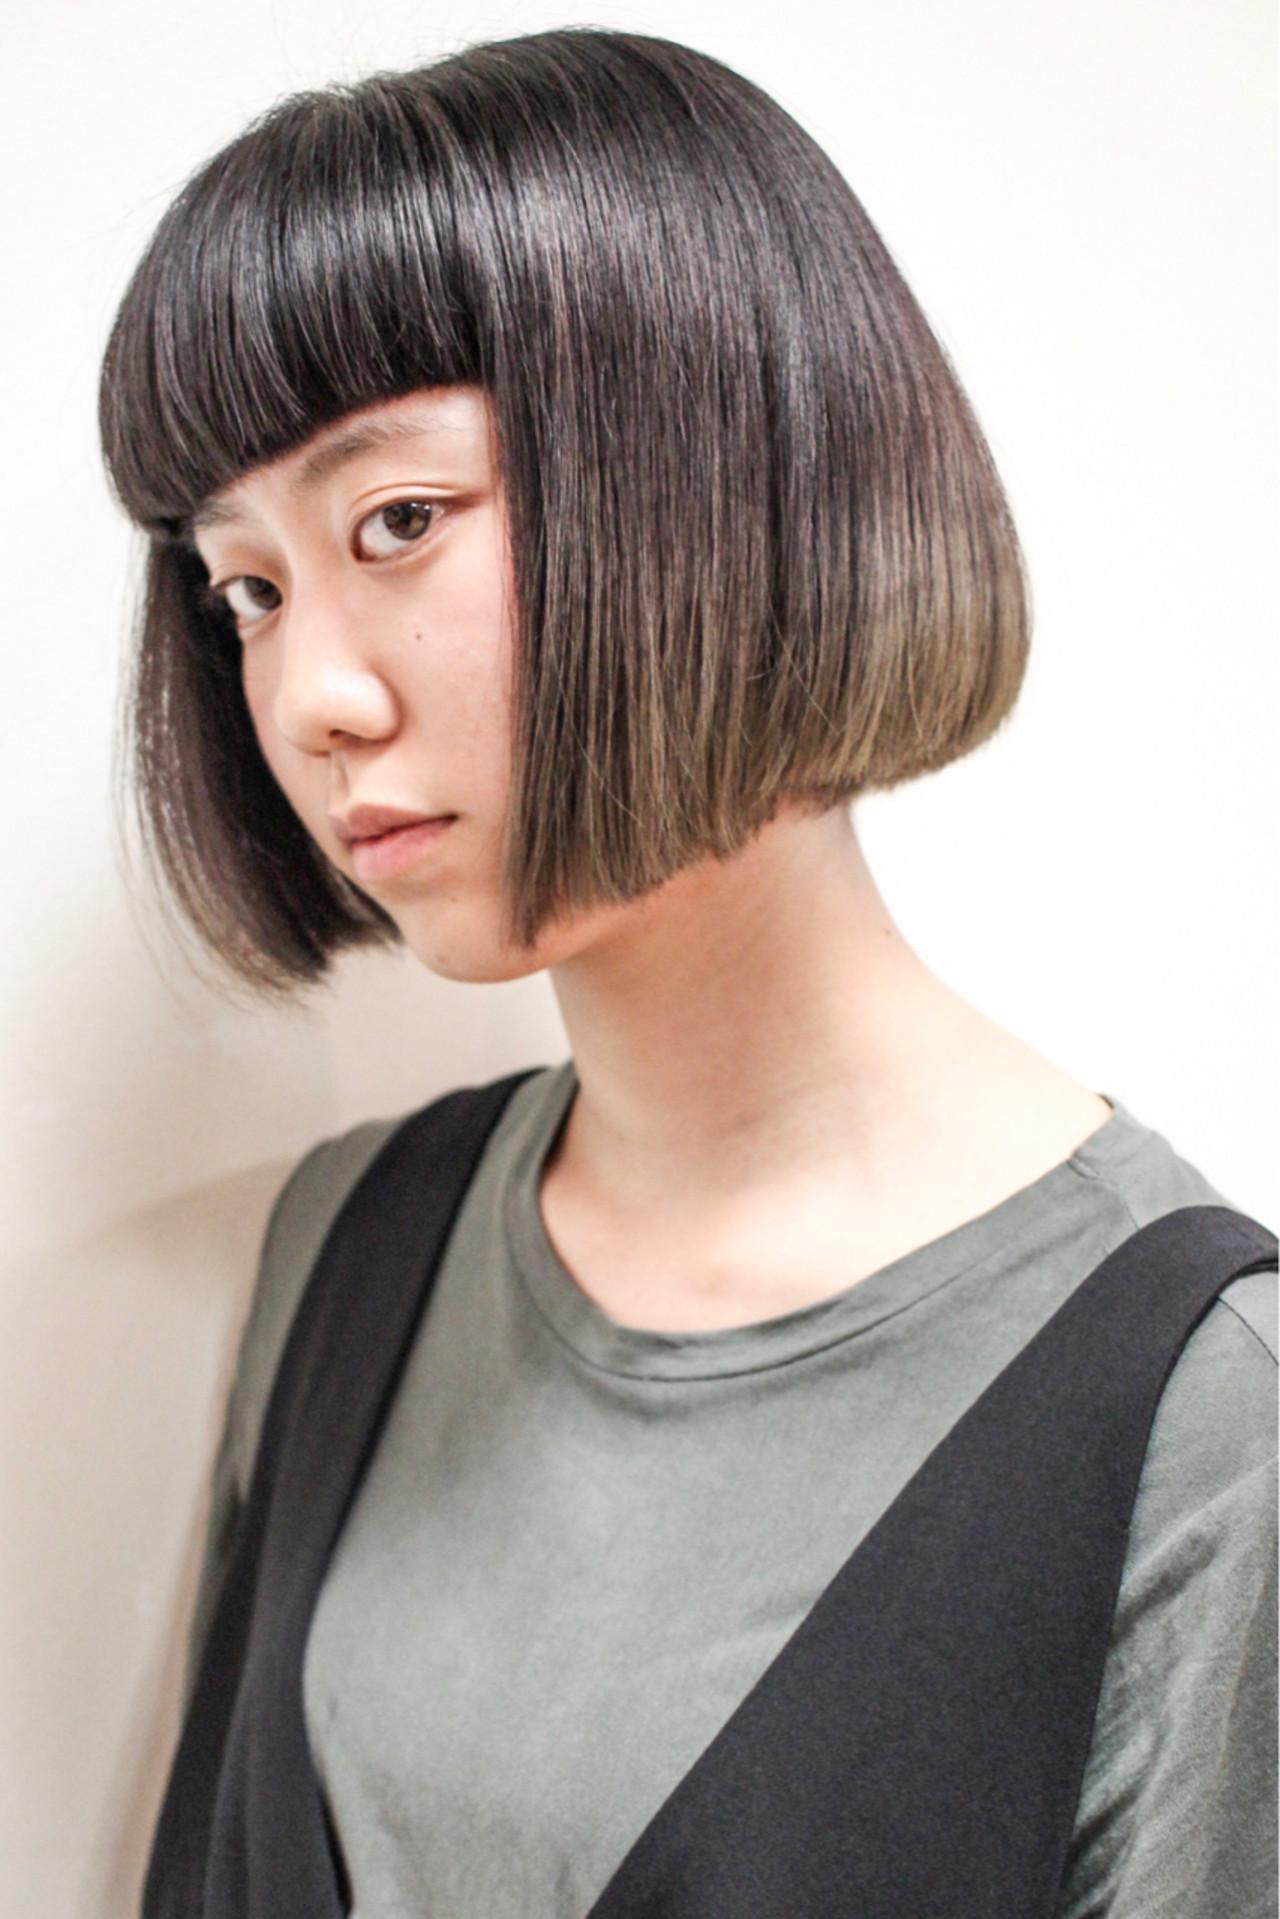 小顔 色気 ショートボブ 黒髪 ヘアスタイルや髪型の写真・画像